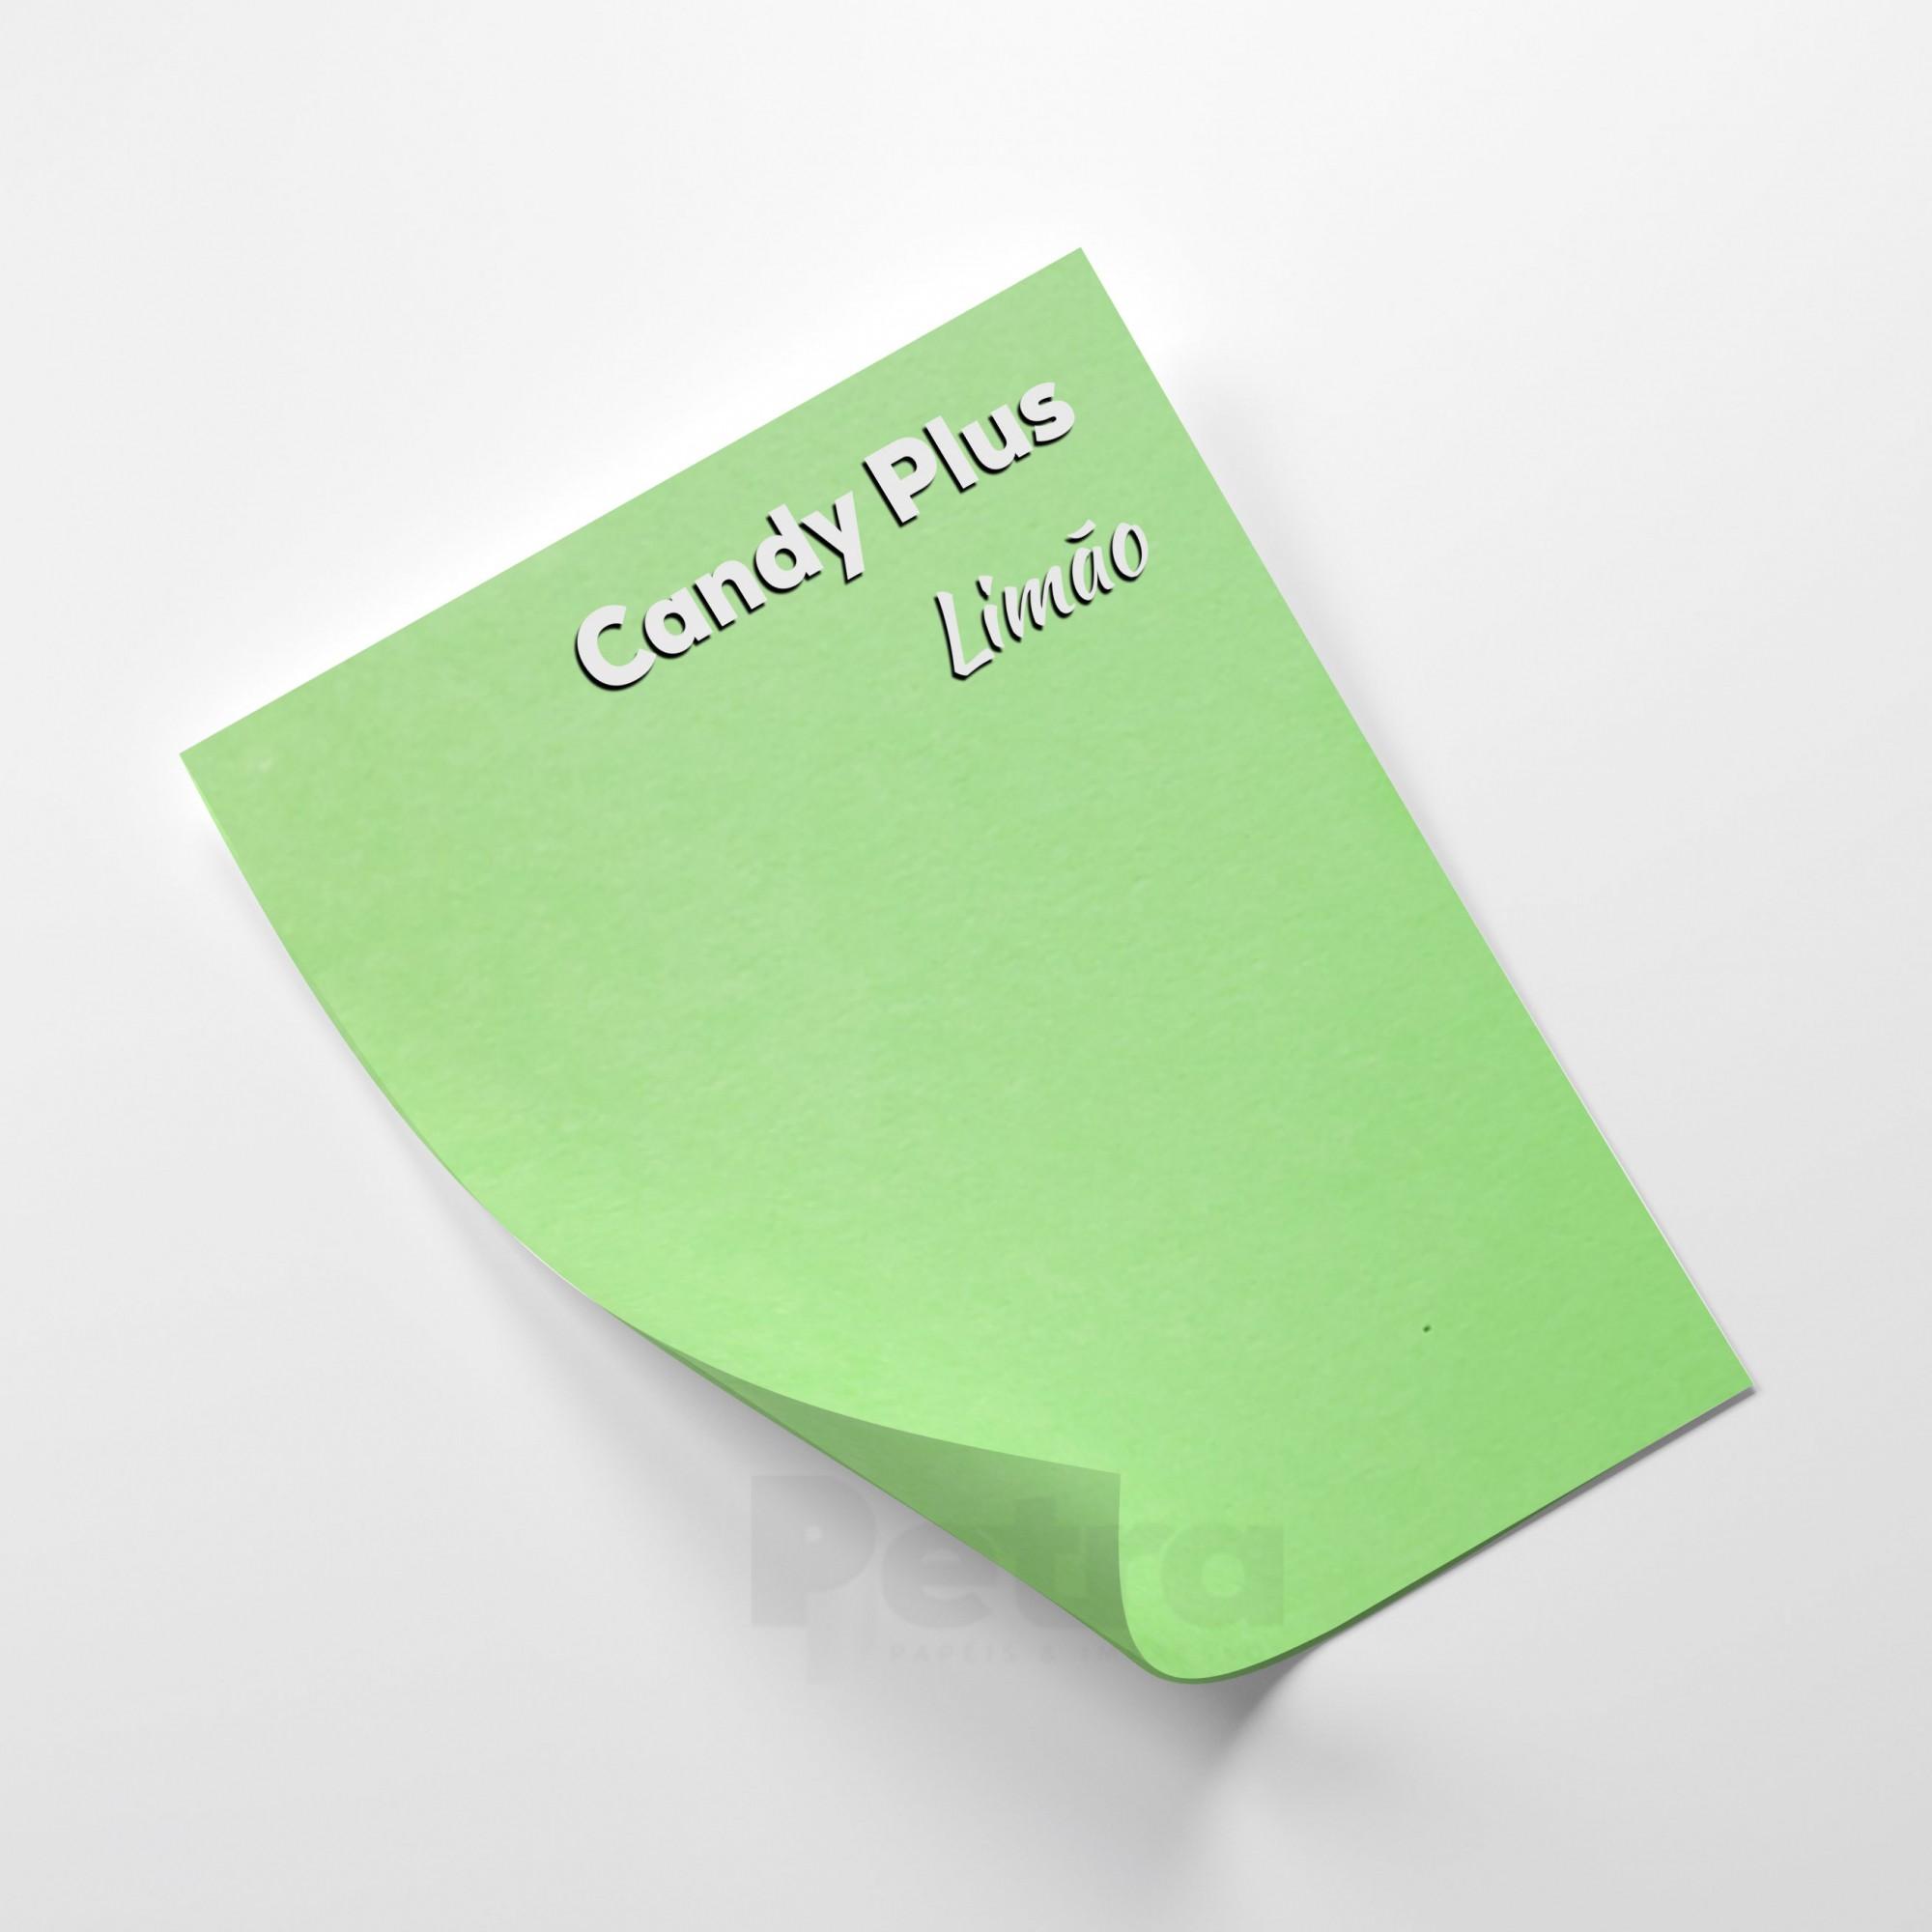 Candy Plus - Limão  - Verde - Tam. A4 - 240g/m² - 20 folhas